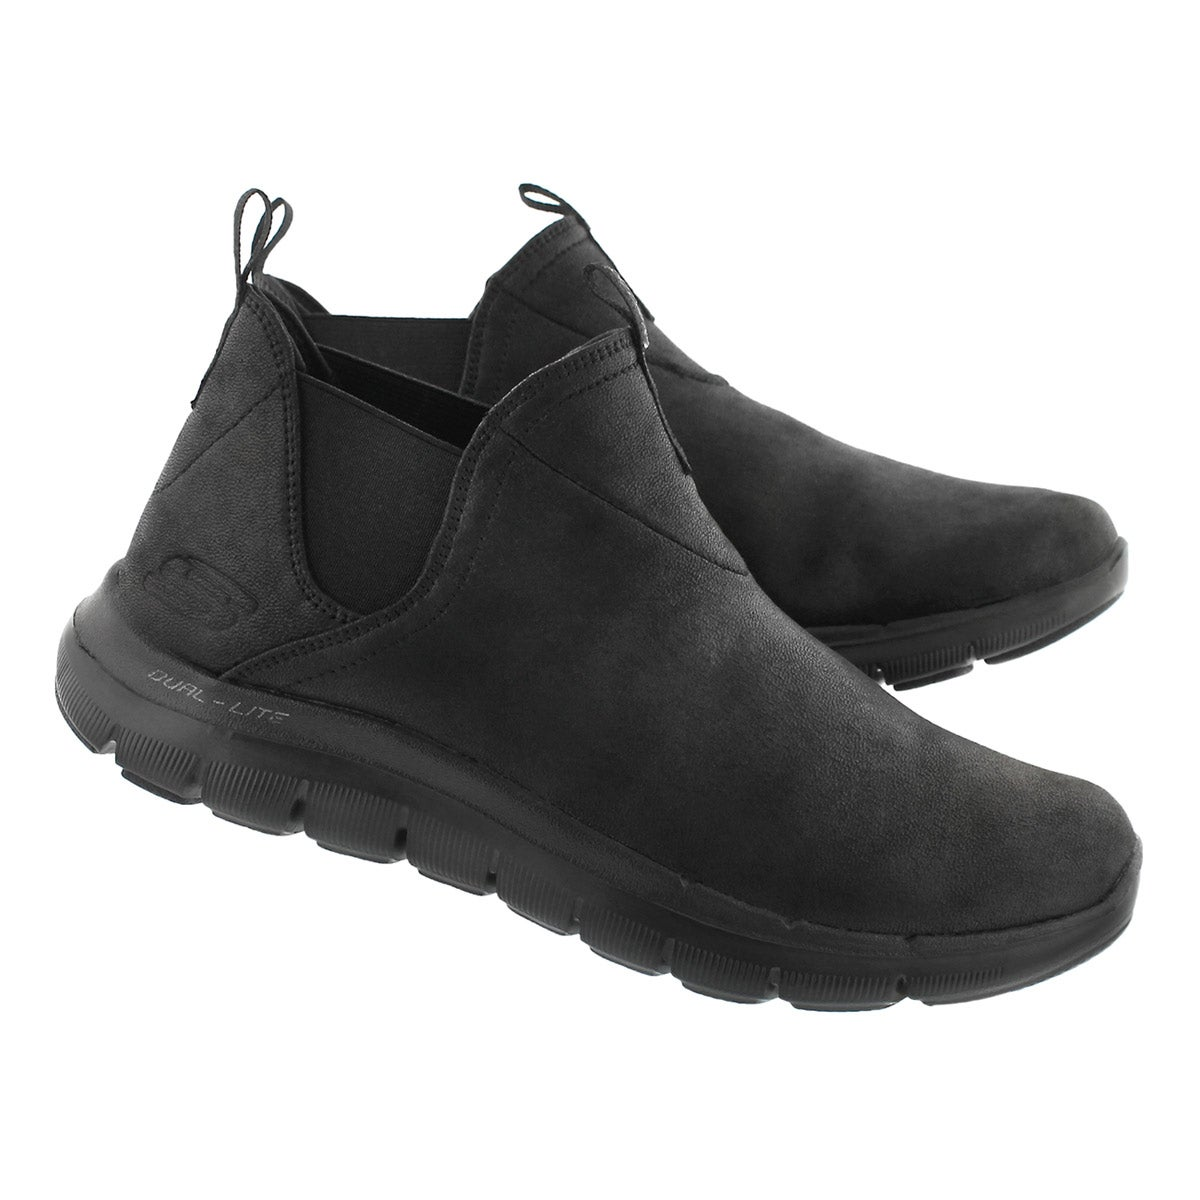 Lds Done Deal black slip on high sneaker